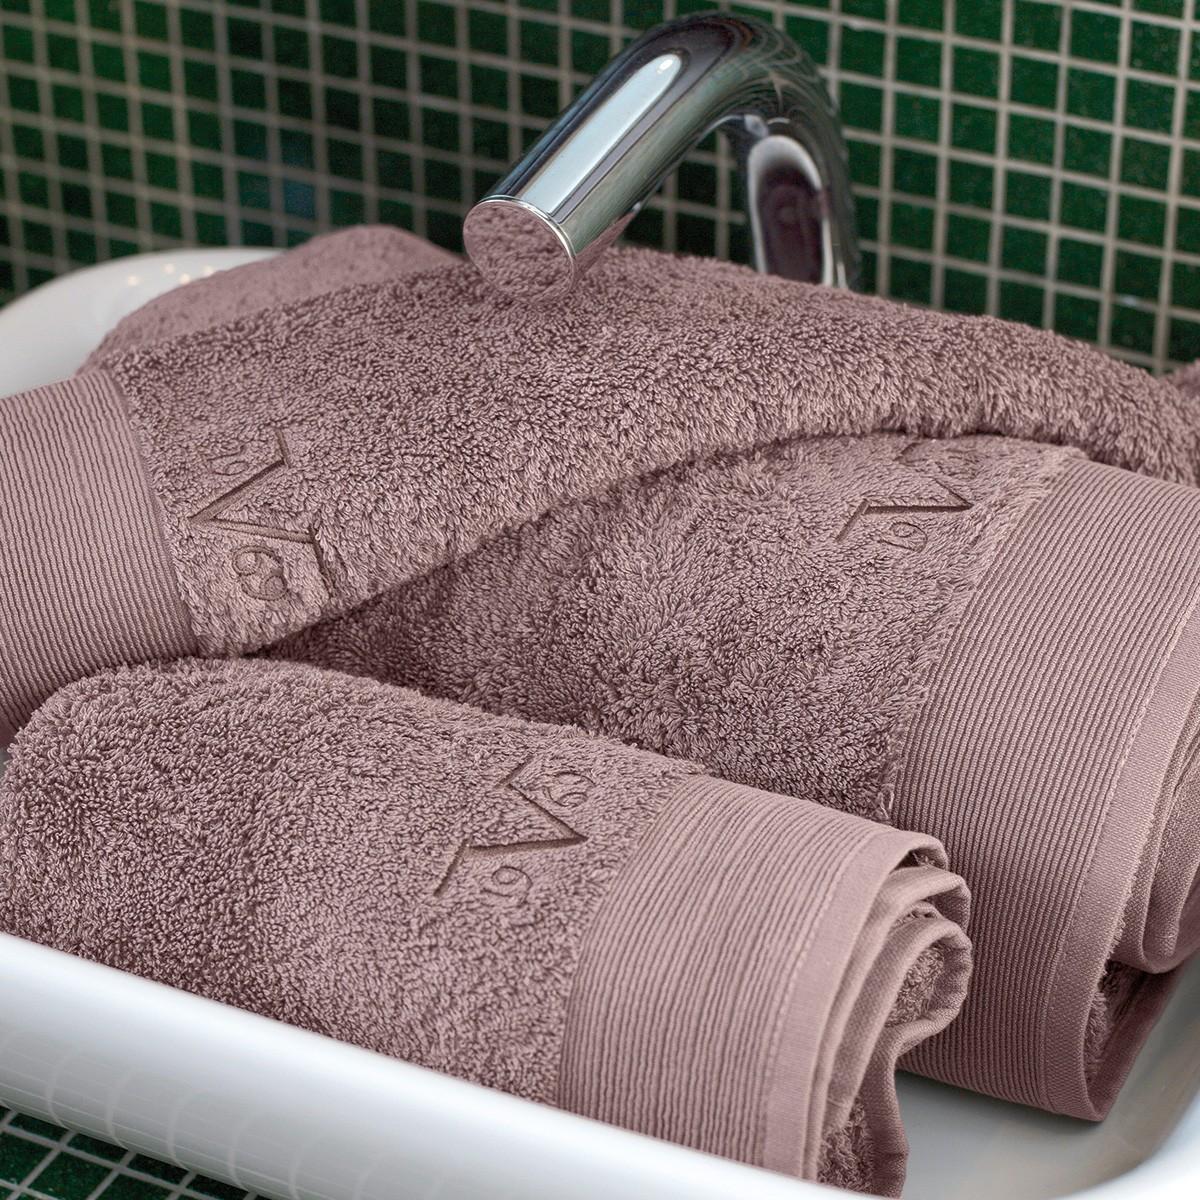 Πετσέτα Σώματος (100x150) V19.69 Elegante Polveroso Dusty